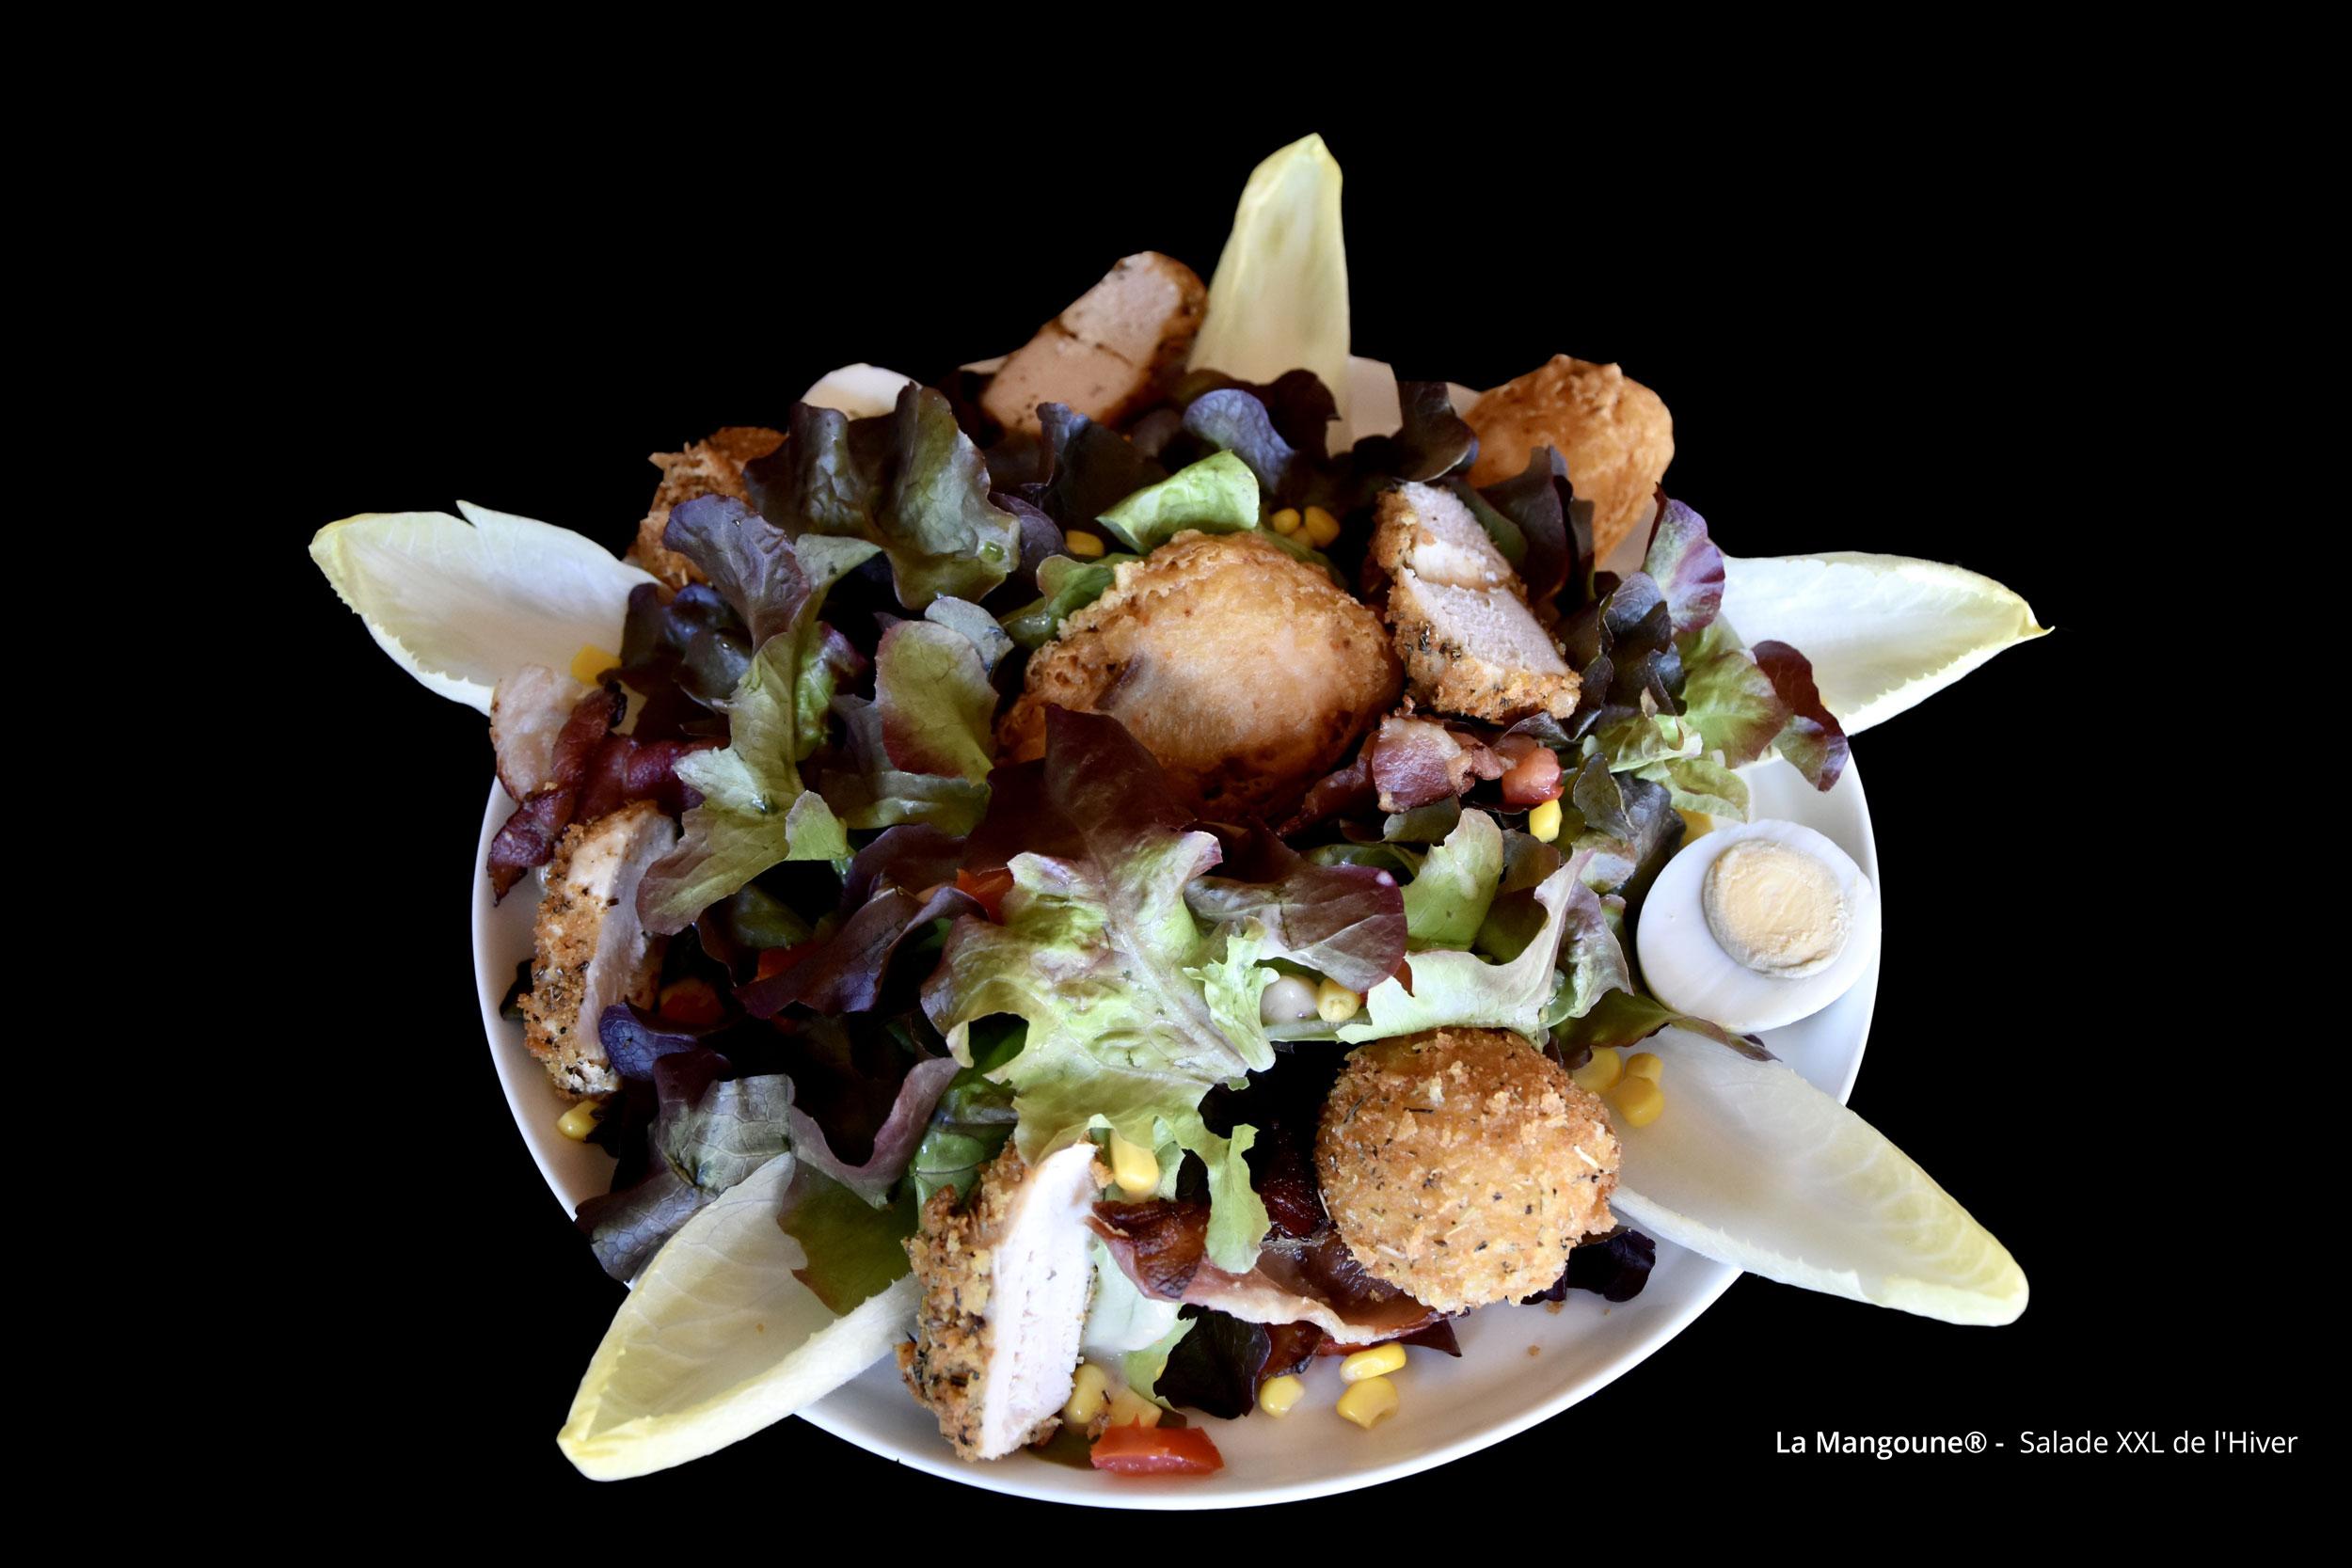 Salade XXL de l'Hiver